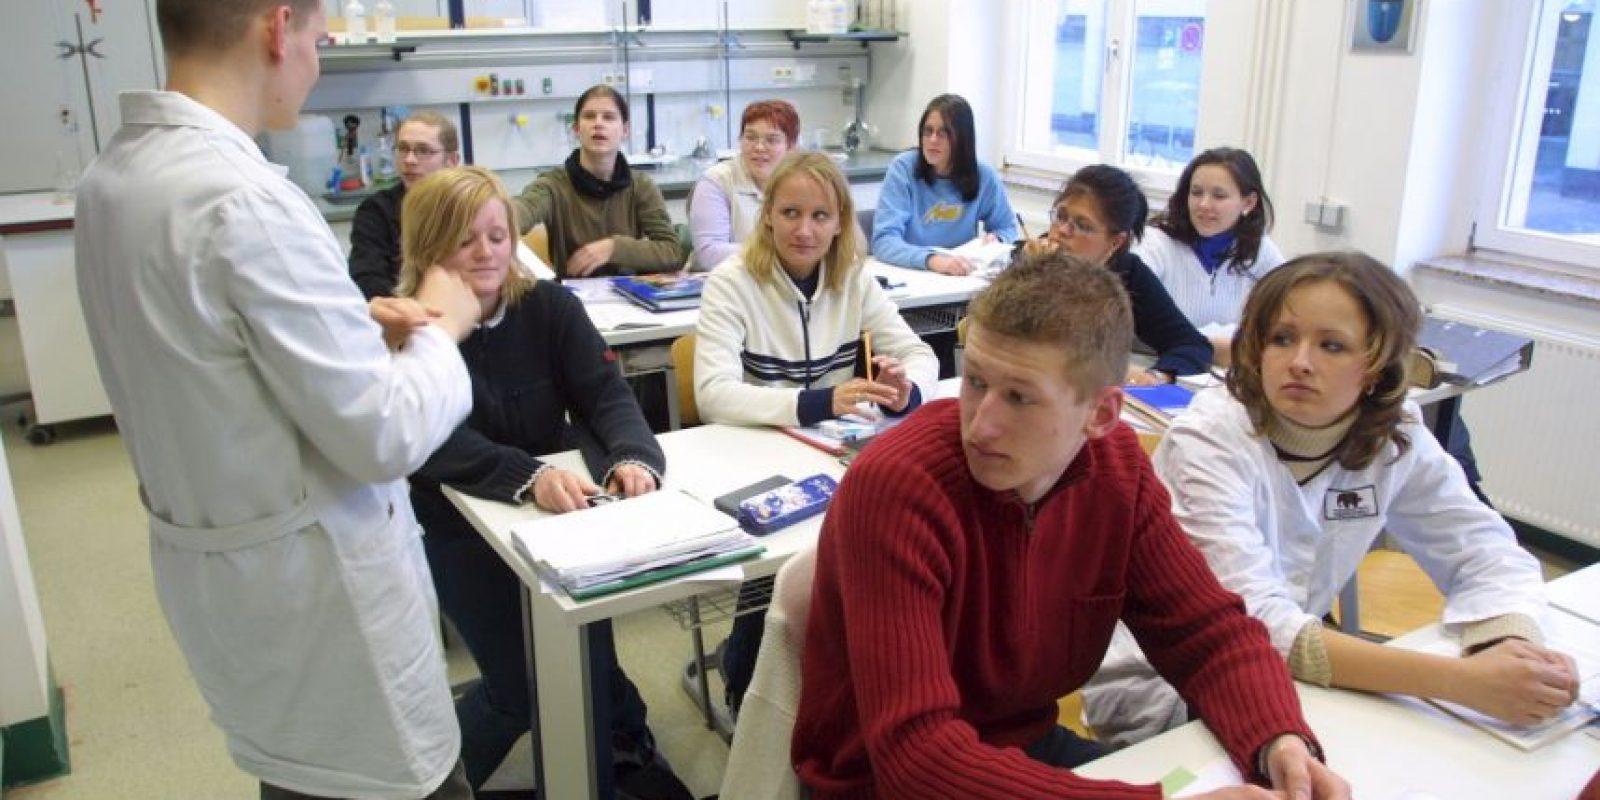 El profesor a cargo del grupo fue sancionado. Foto:Getty Images